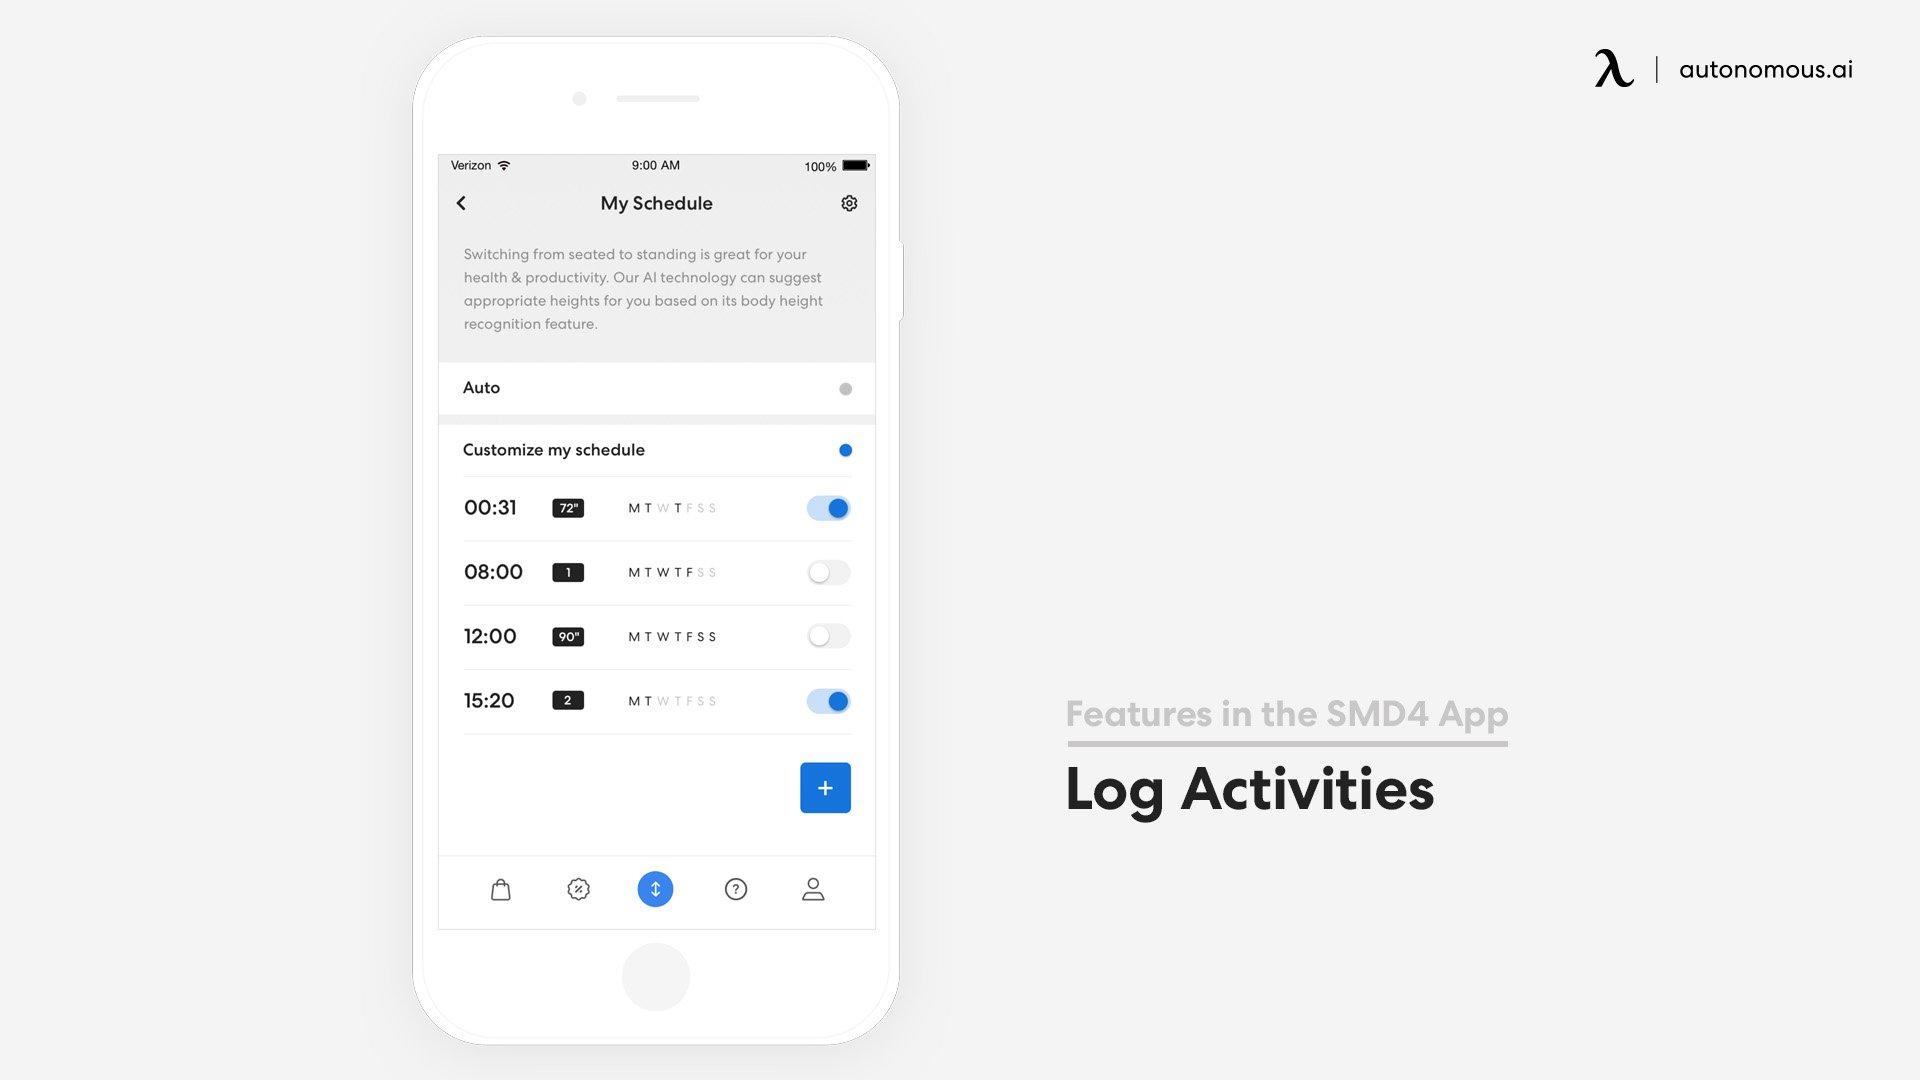 Log Activities